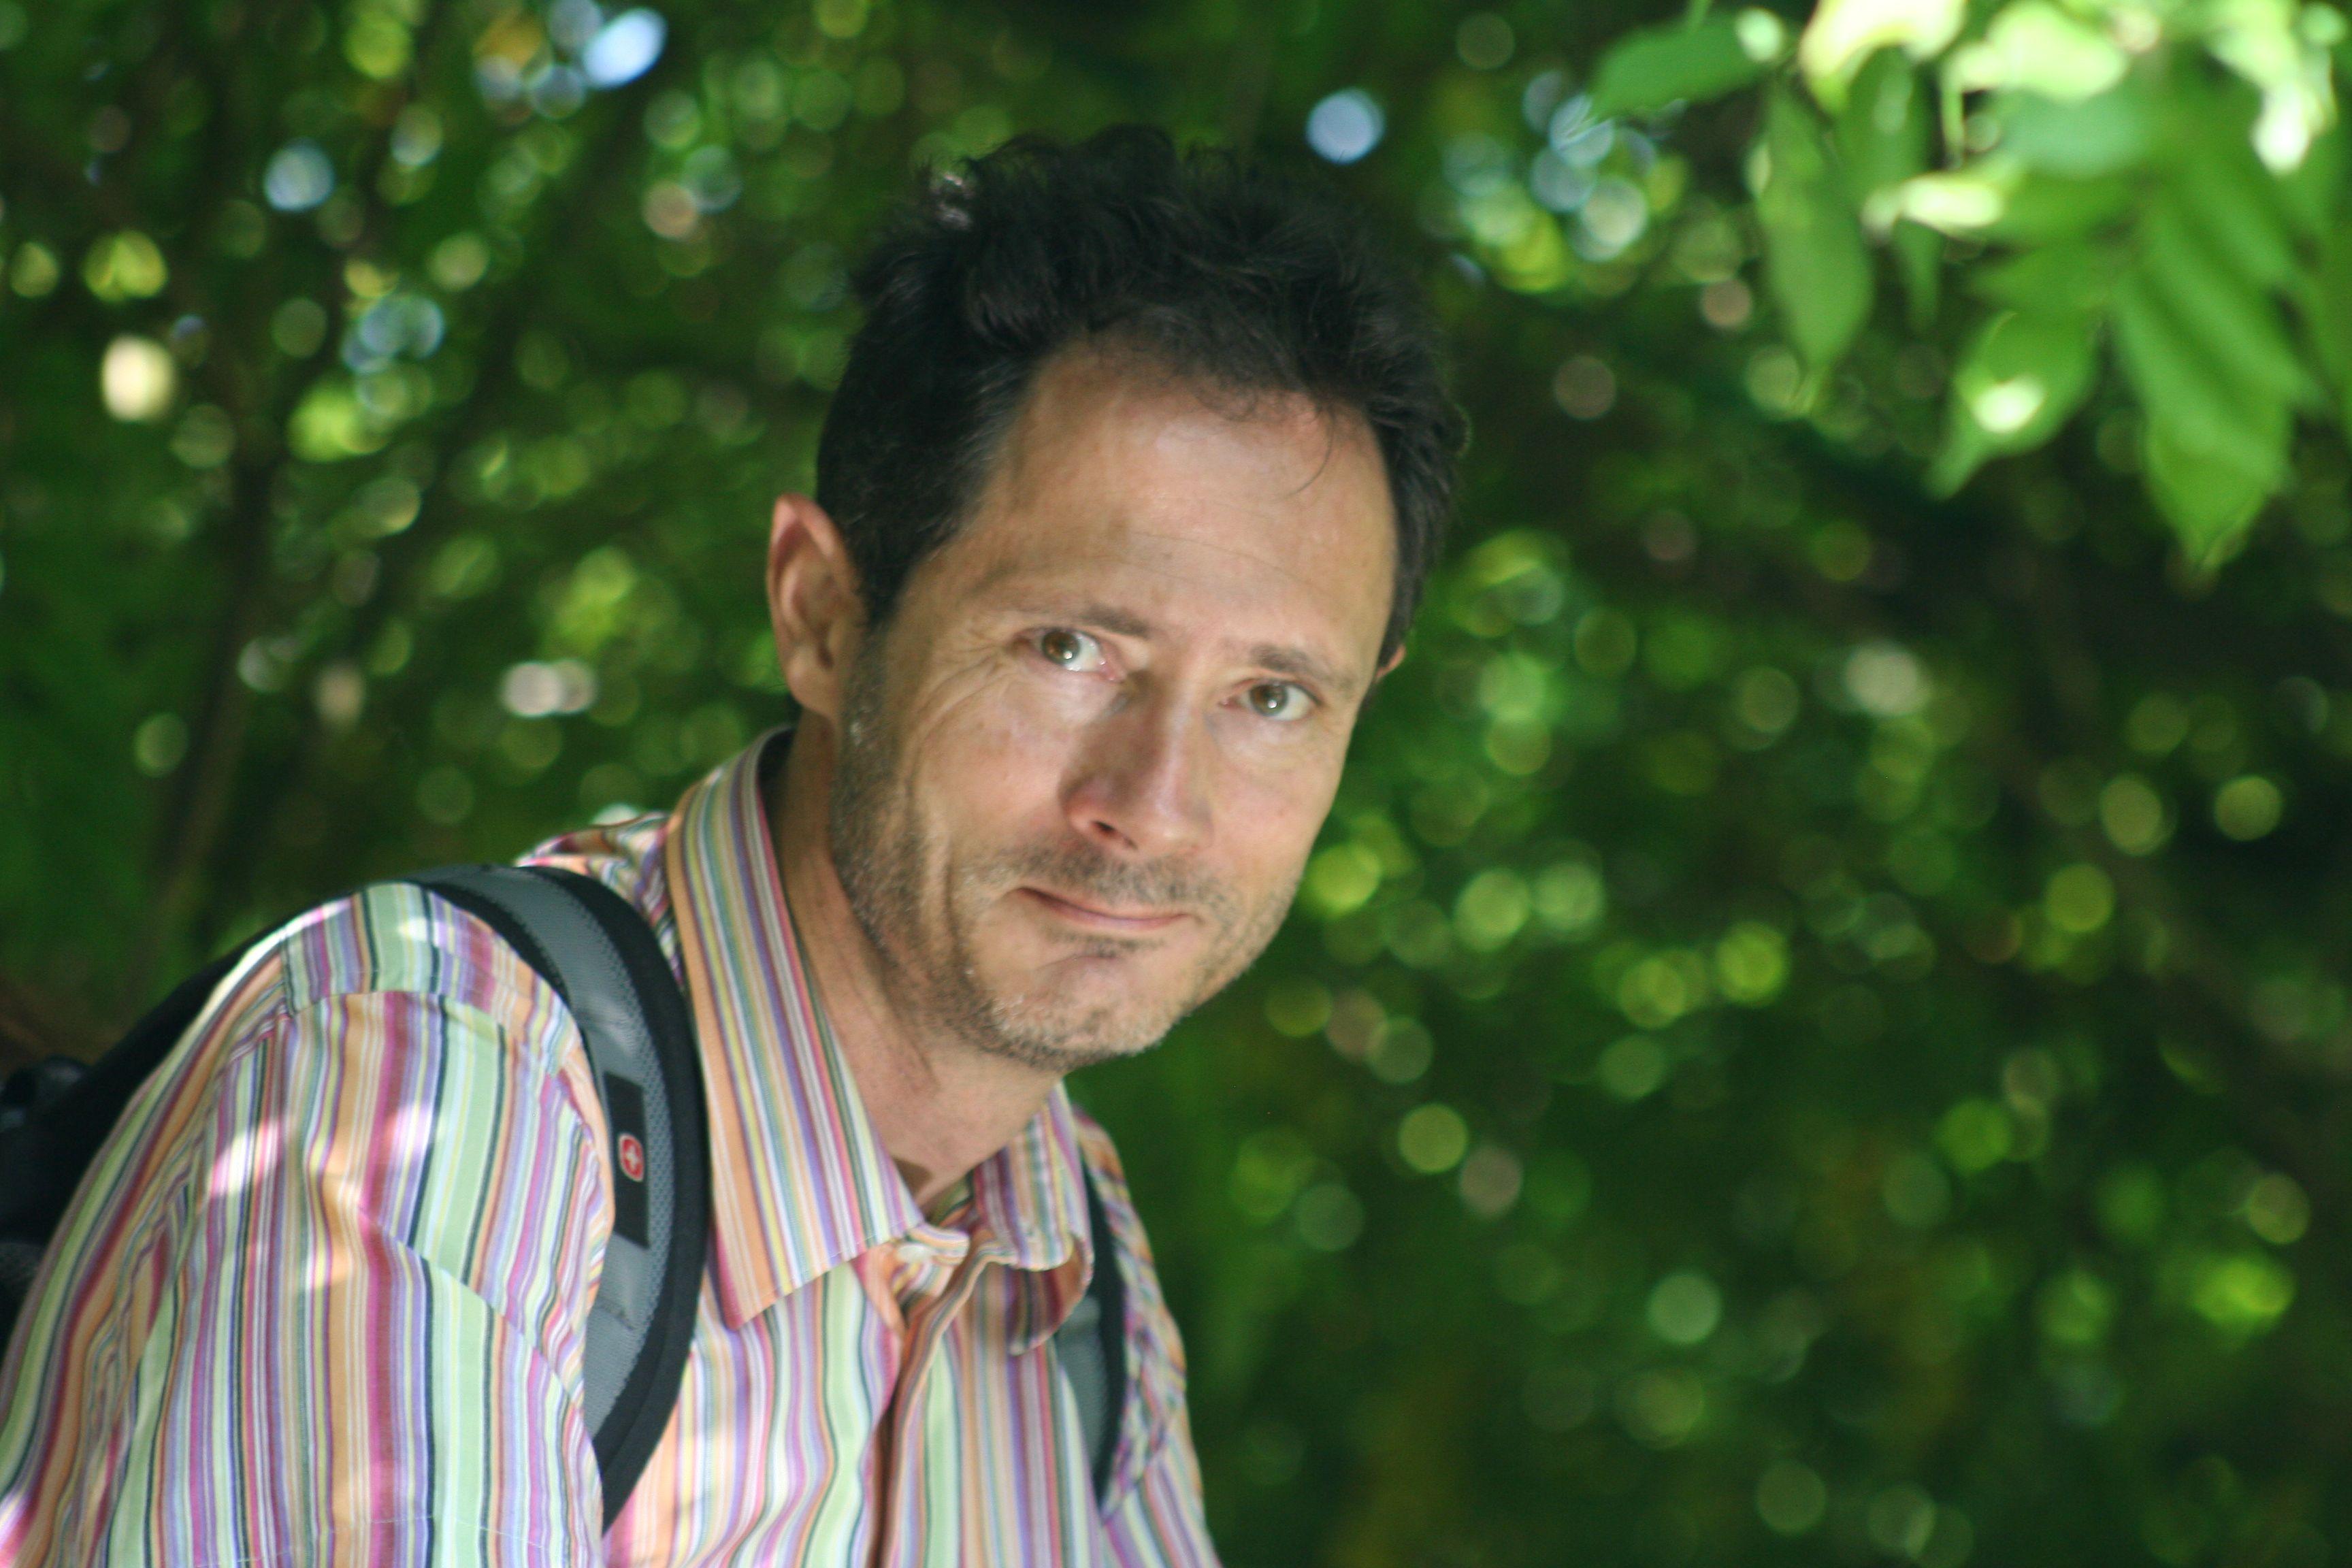 Biologiste De Formation Emmanuel Delannoy A Une Exprience Plus Quinze Ans En Tant Que Manager Dans Des Entreprises Prives